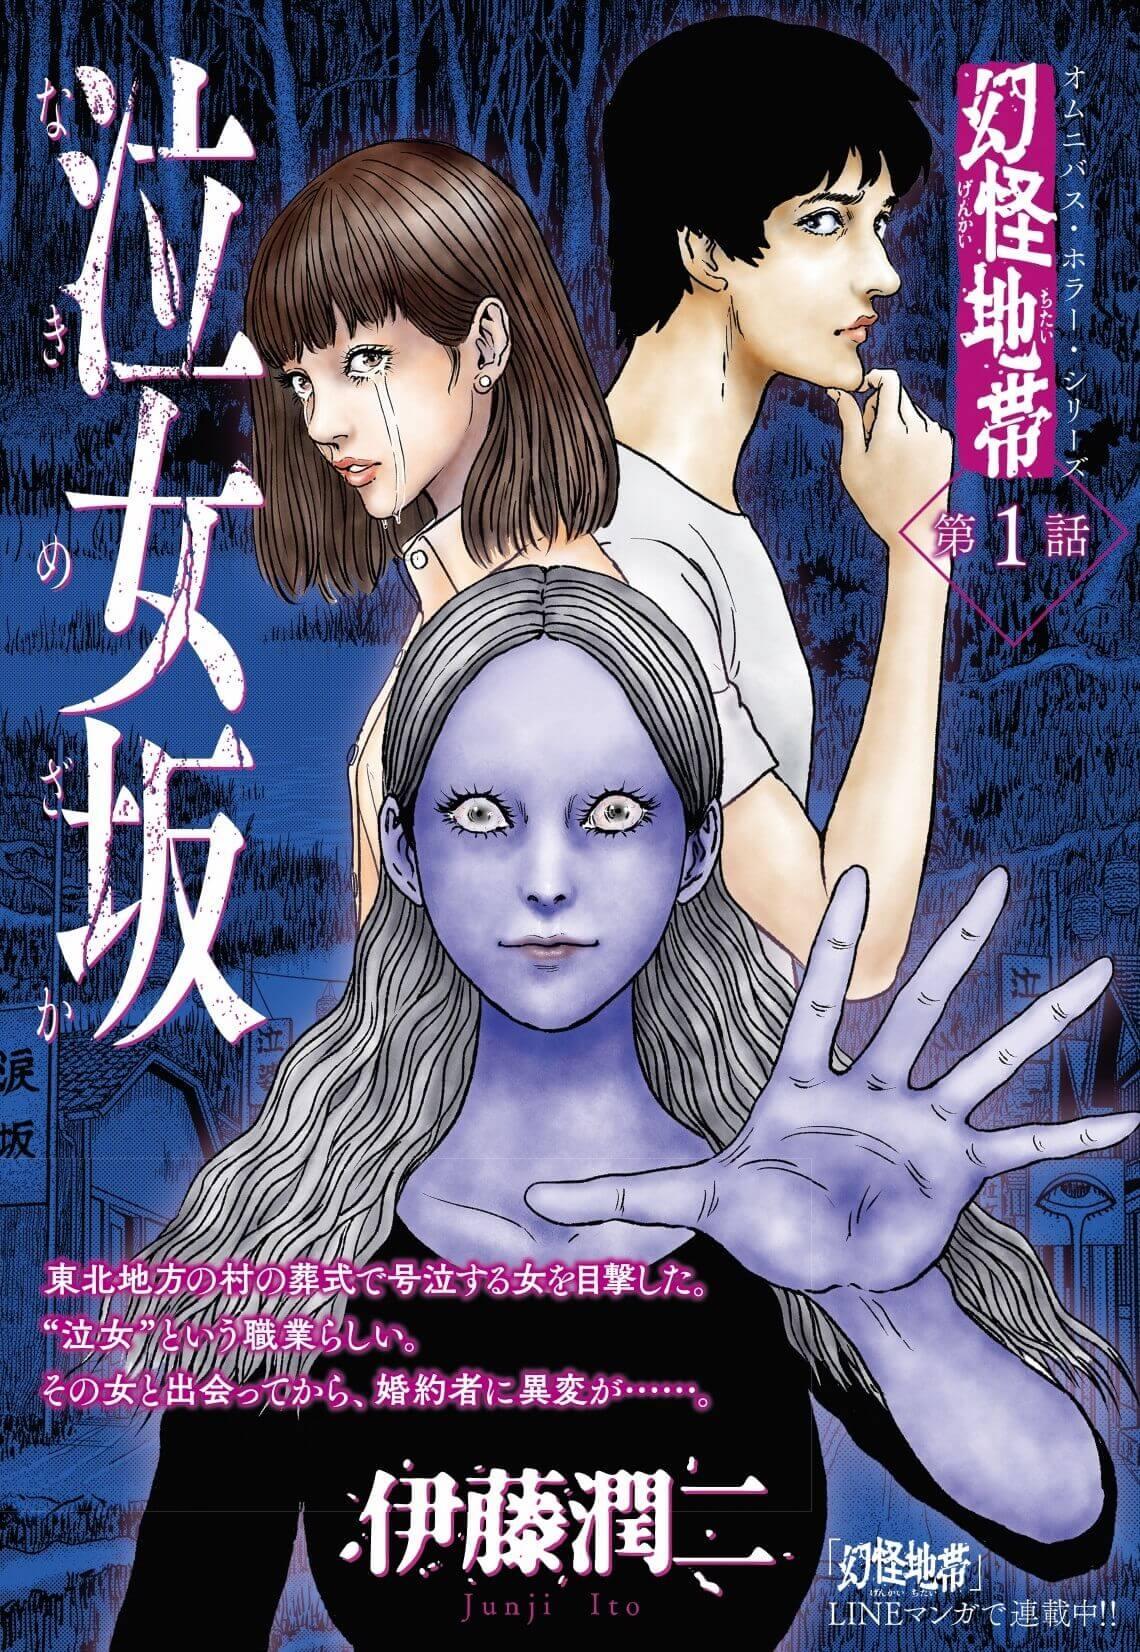 Genkai Chitai - Manga de Junji Ito entra no Arc Final